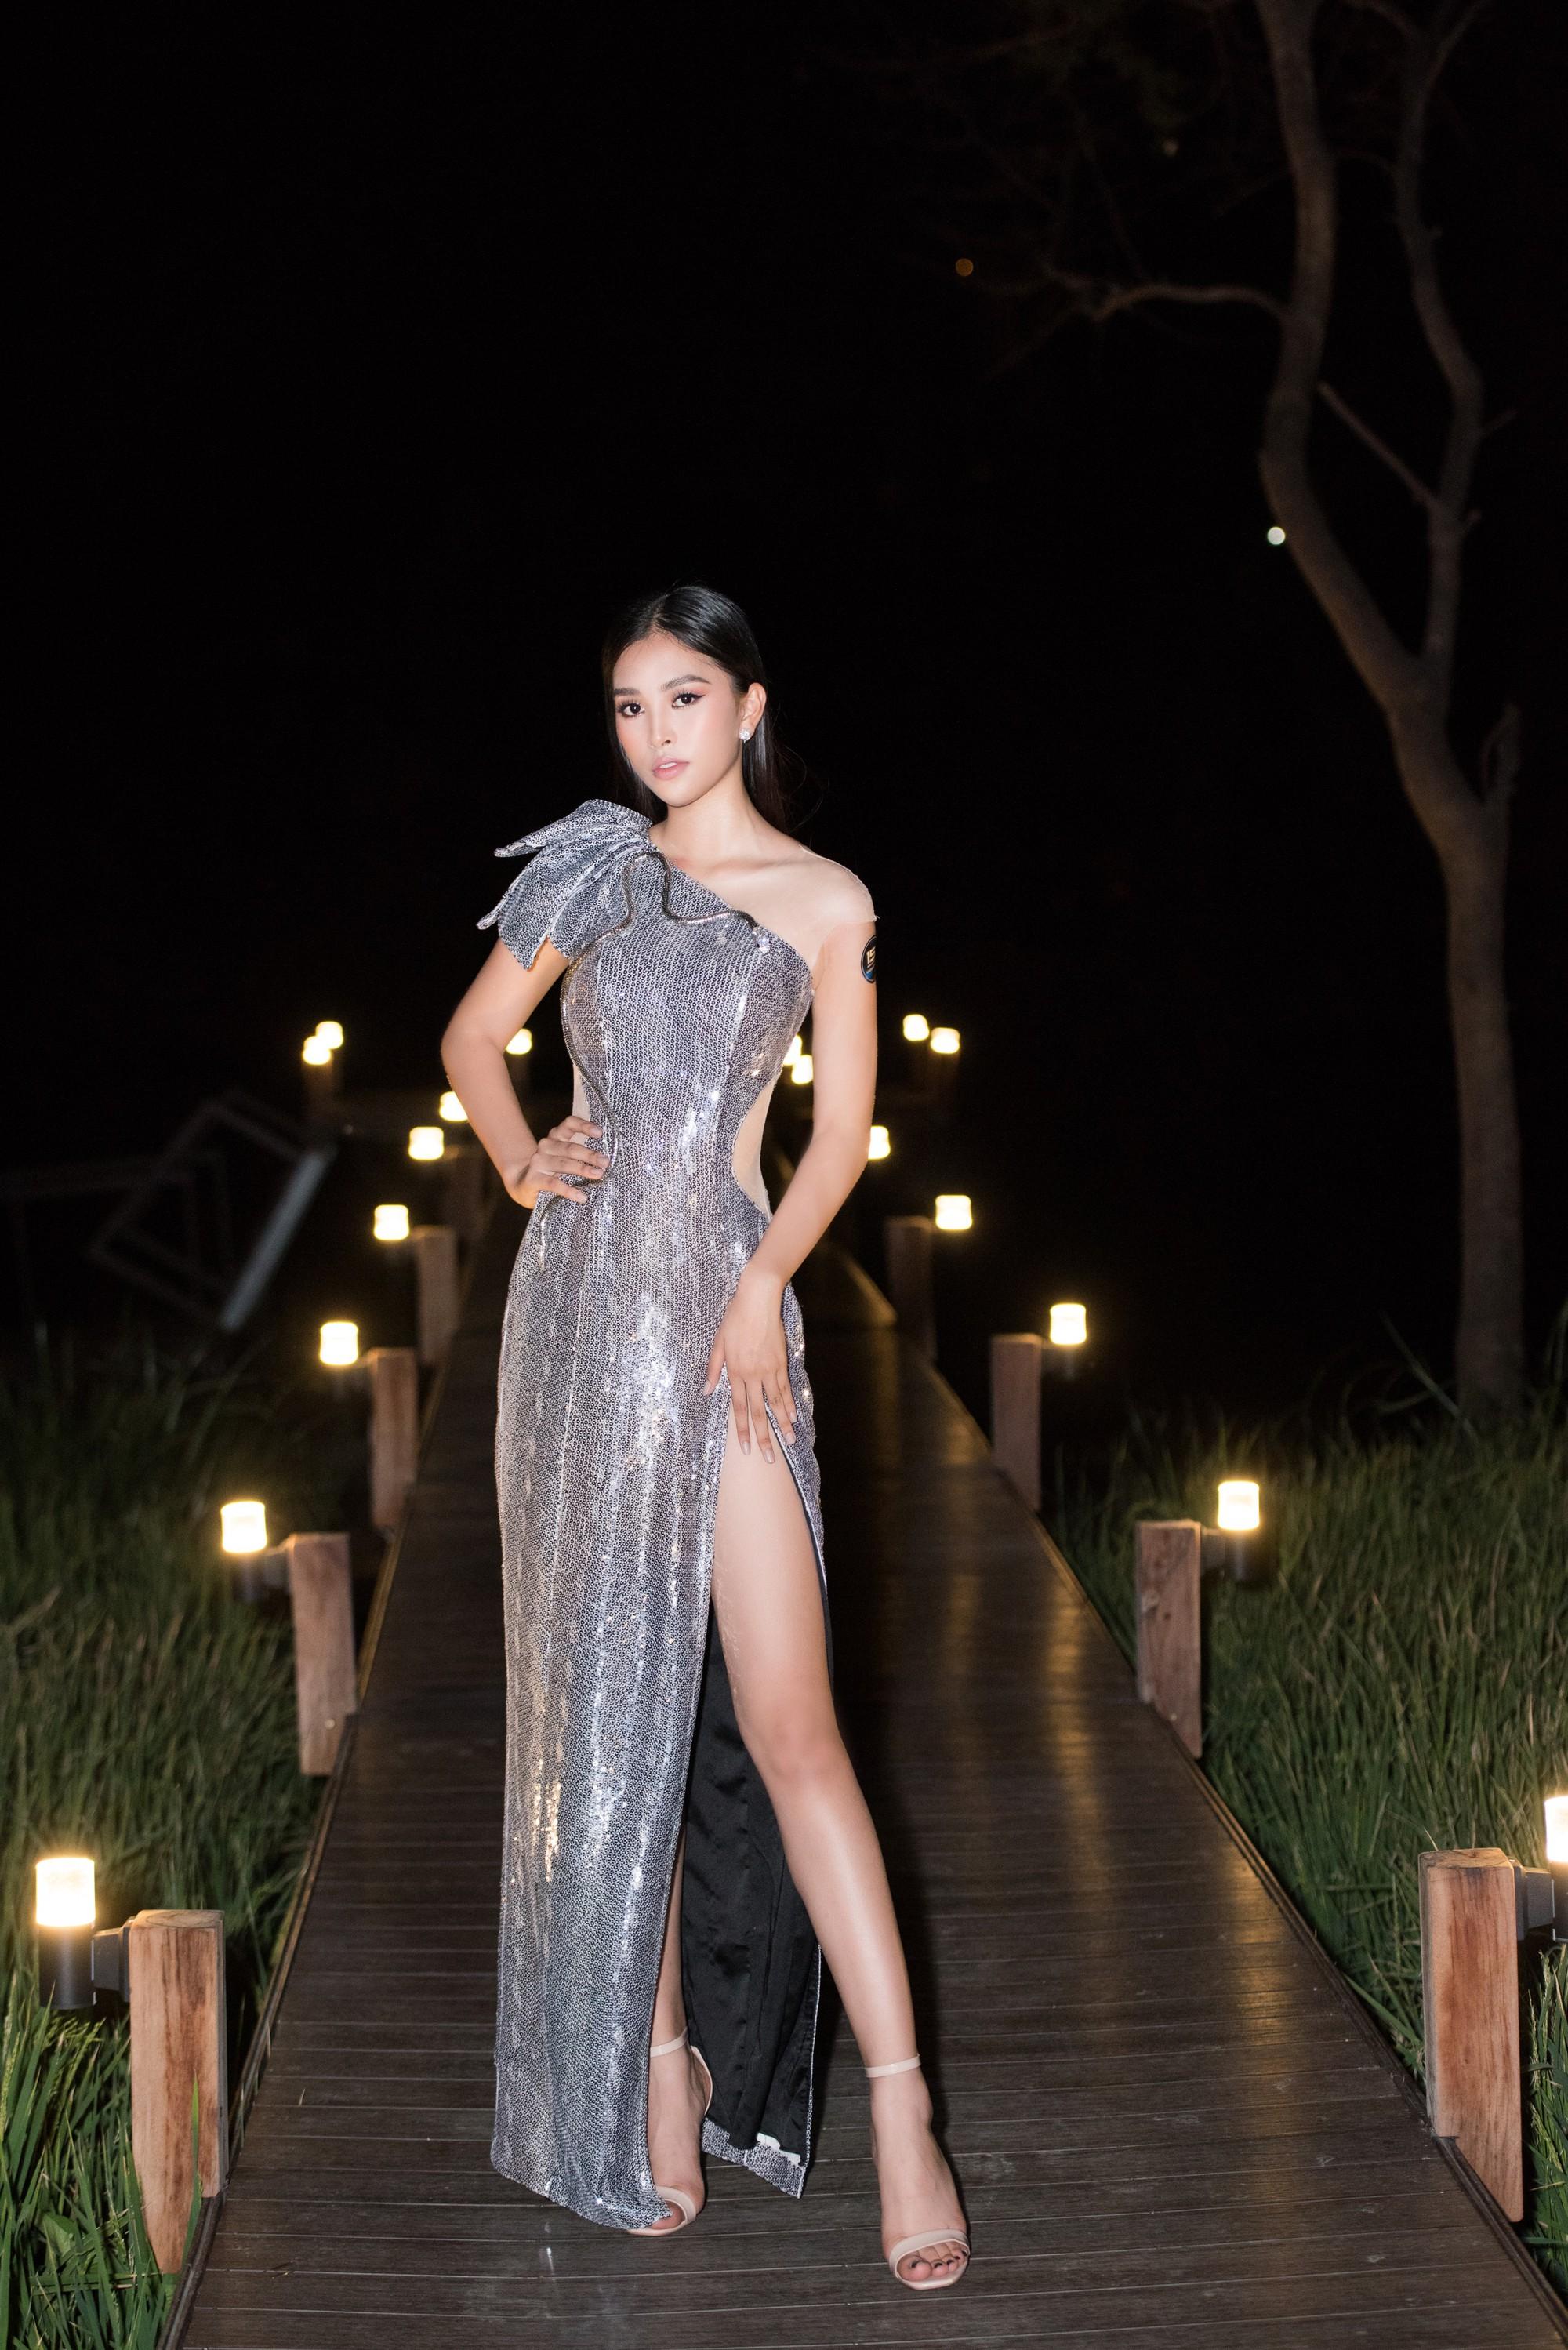 Mĩ nhân Việt nào là Nữ hoàng thảm đỏ tuần qua? (kì 47) - Ảnh 2.